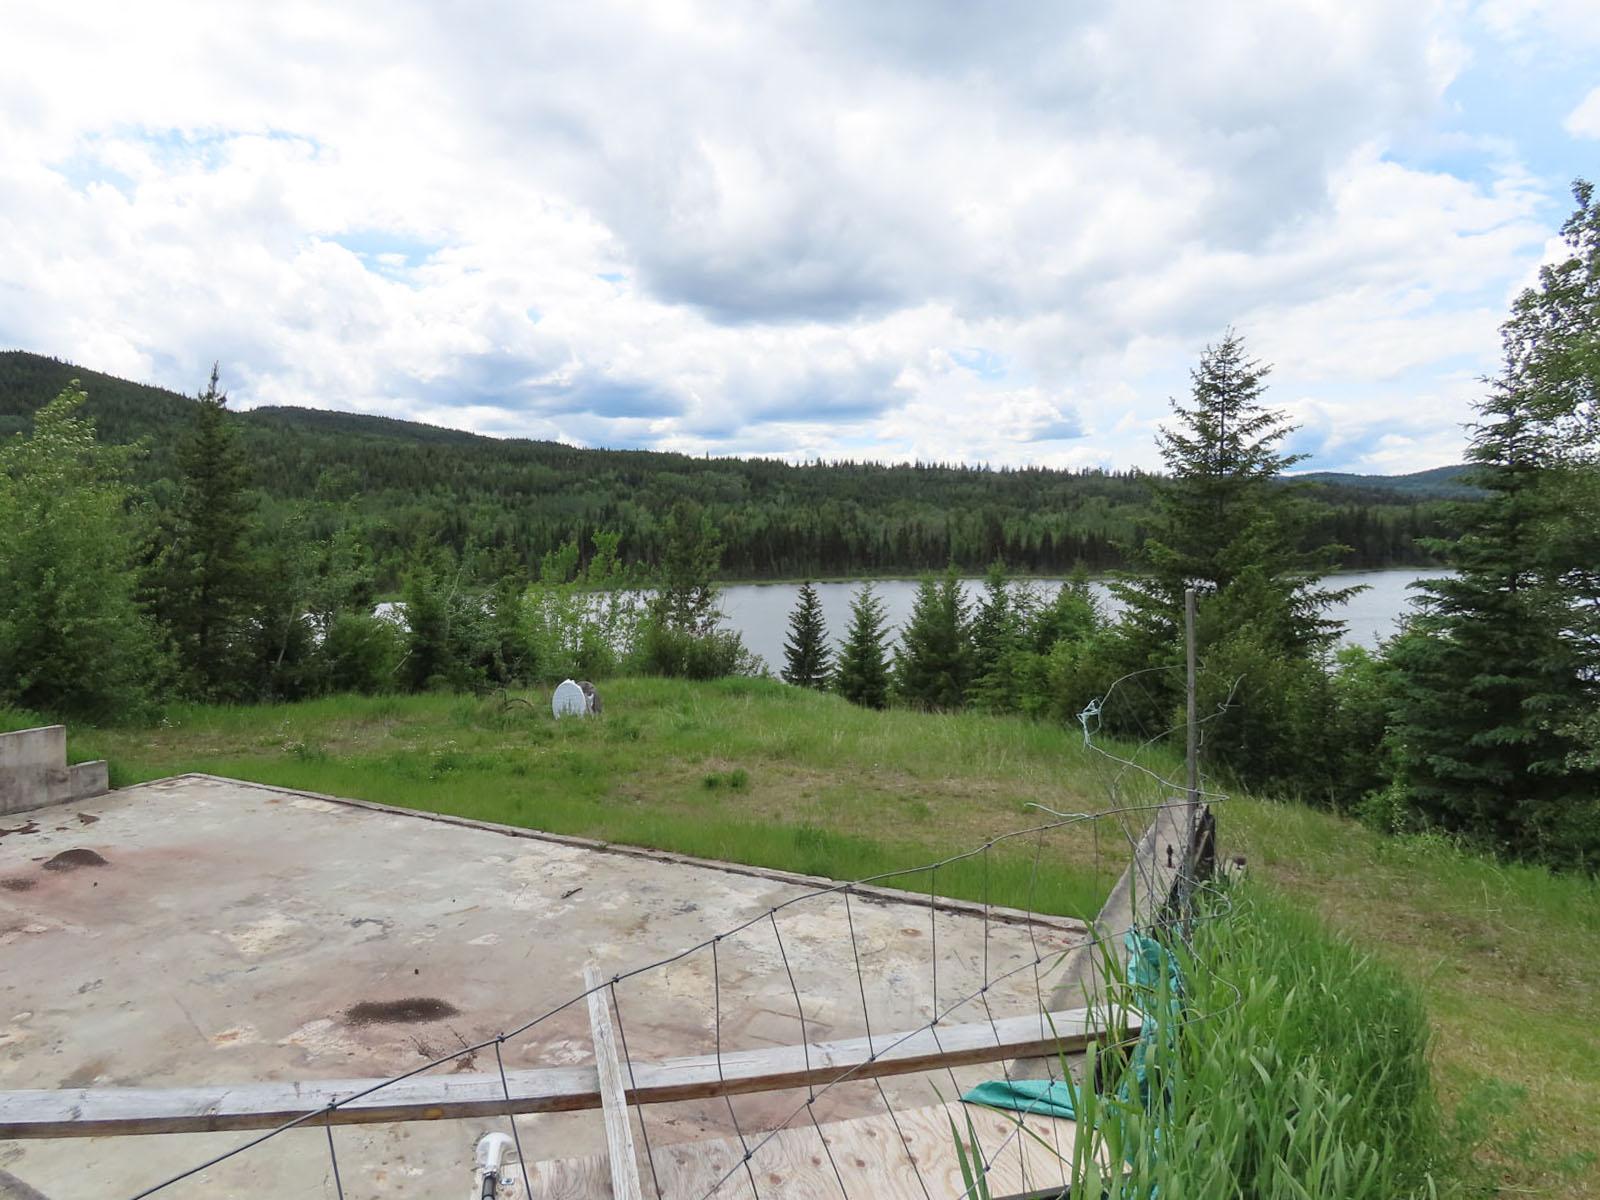 Roserim lake manhood falls 24